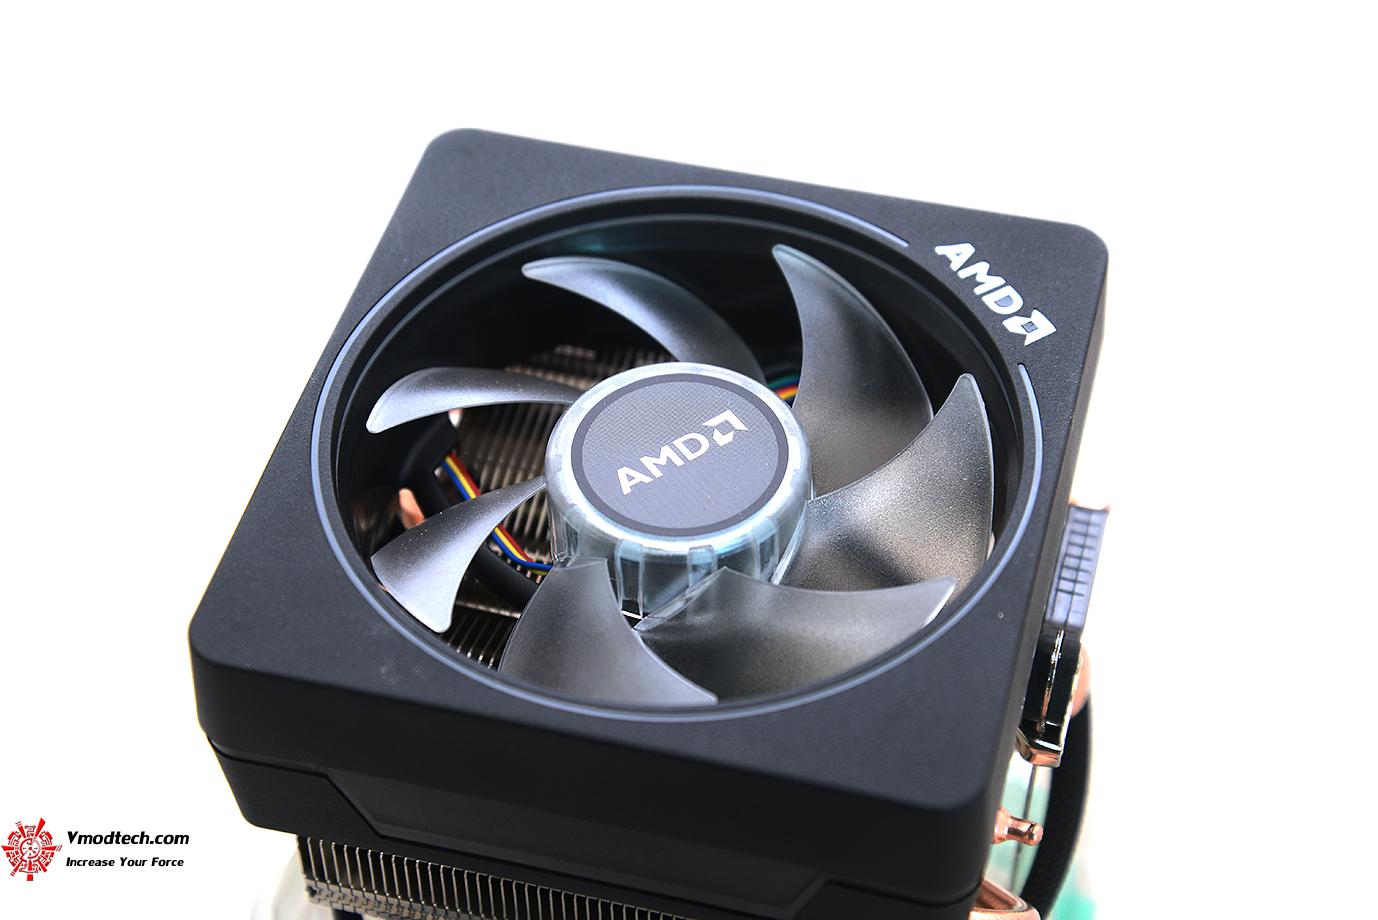 dsc 1080 AMD RYZEN 7 2700X PROCESSOR REVIEW